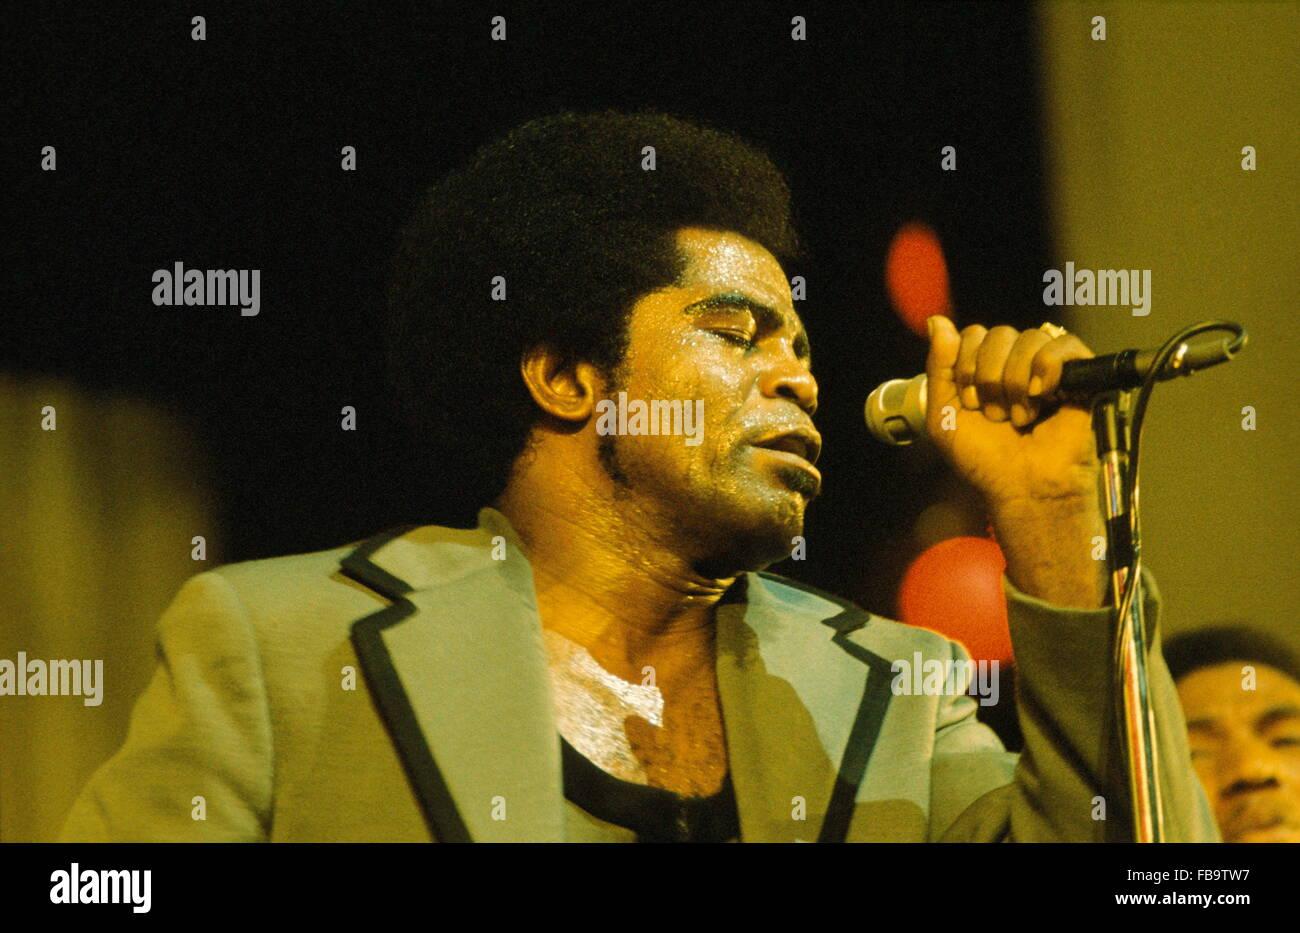 James BROWN on-stage. -  1971  -  France / Ile-de-France (region) / Paris  -  James BROWN on-stage. -  James BROWN - Stock Image